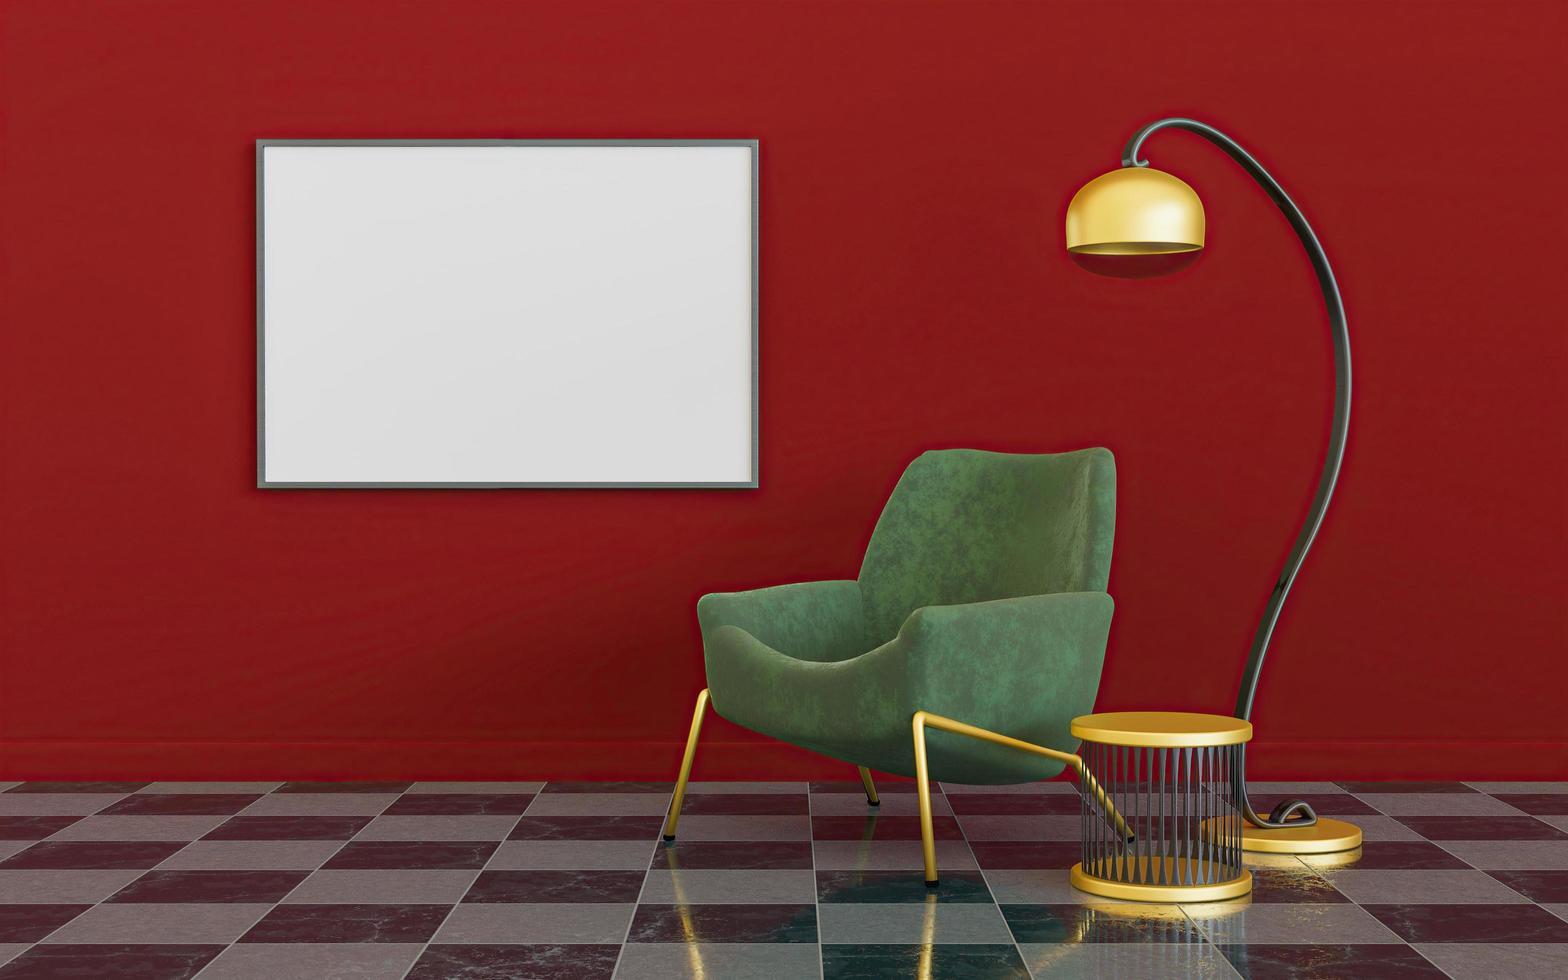 interior minimalista con lámpara, sofá y maqueta de un lienzo foto